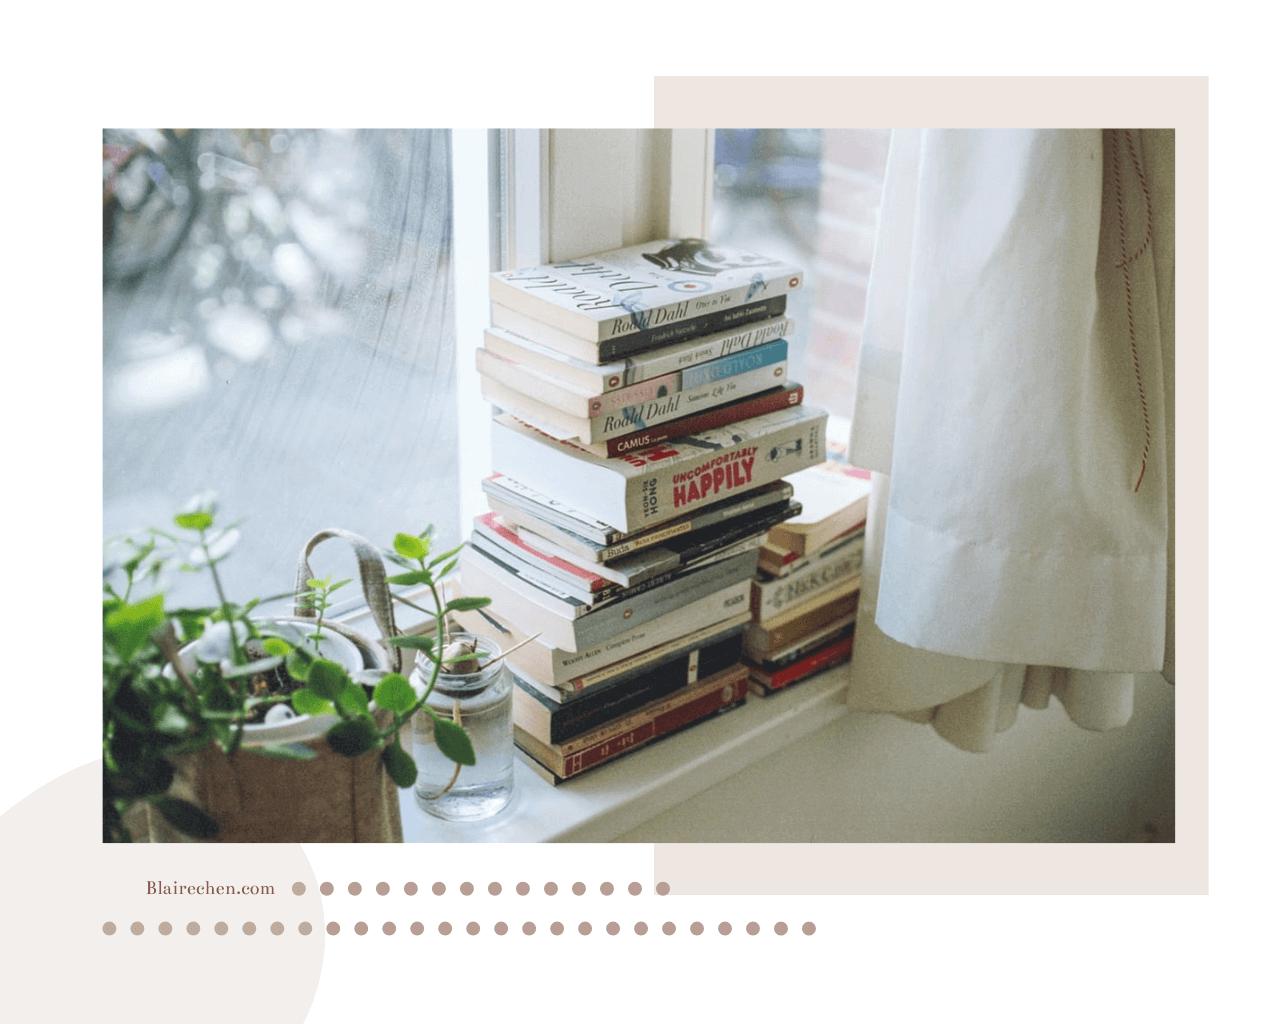 # 5種居家解悶提案,讓你在家生活不無聊,讓你輕鬆達成居家的「宅」學問!